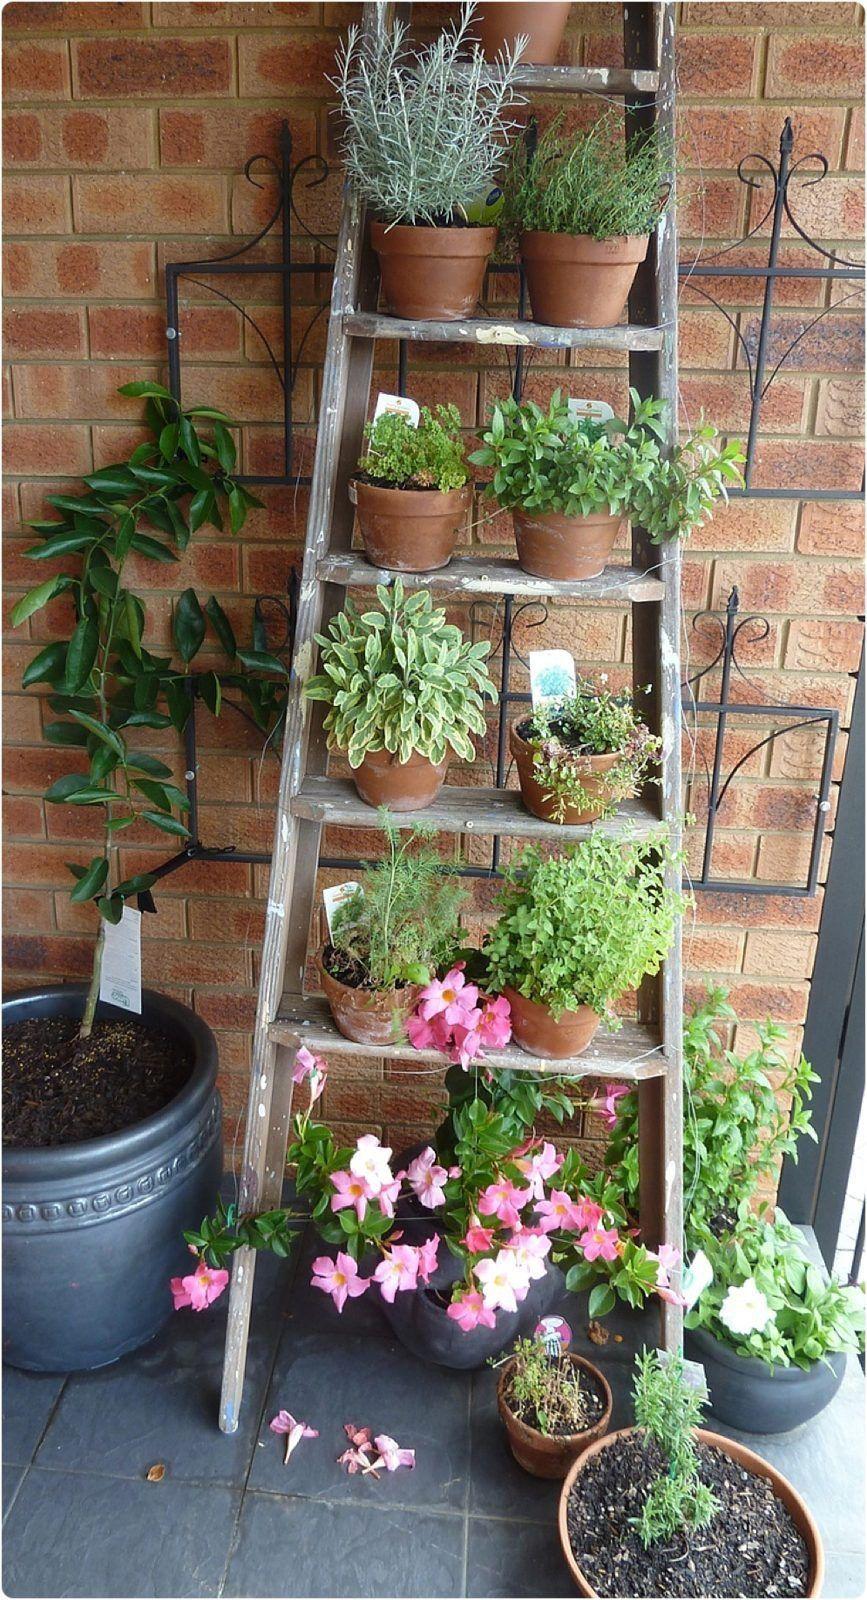 Leuke Ideeen Voor Balkon En Terras Mooie Ideeen Voor Balkon En